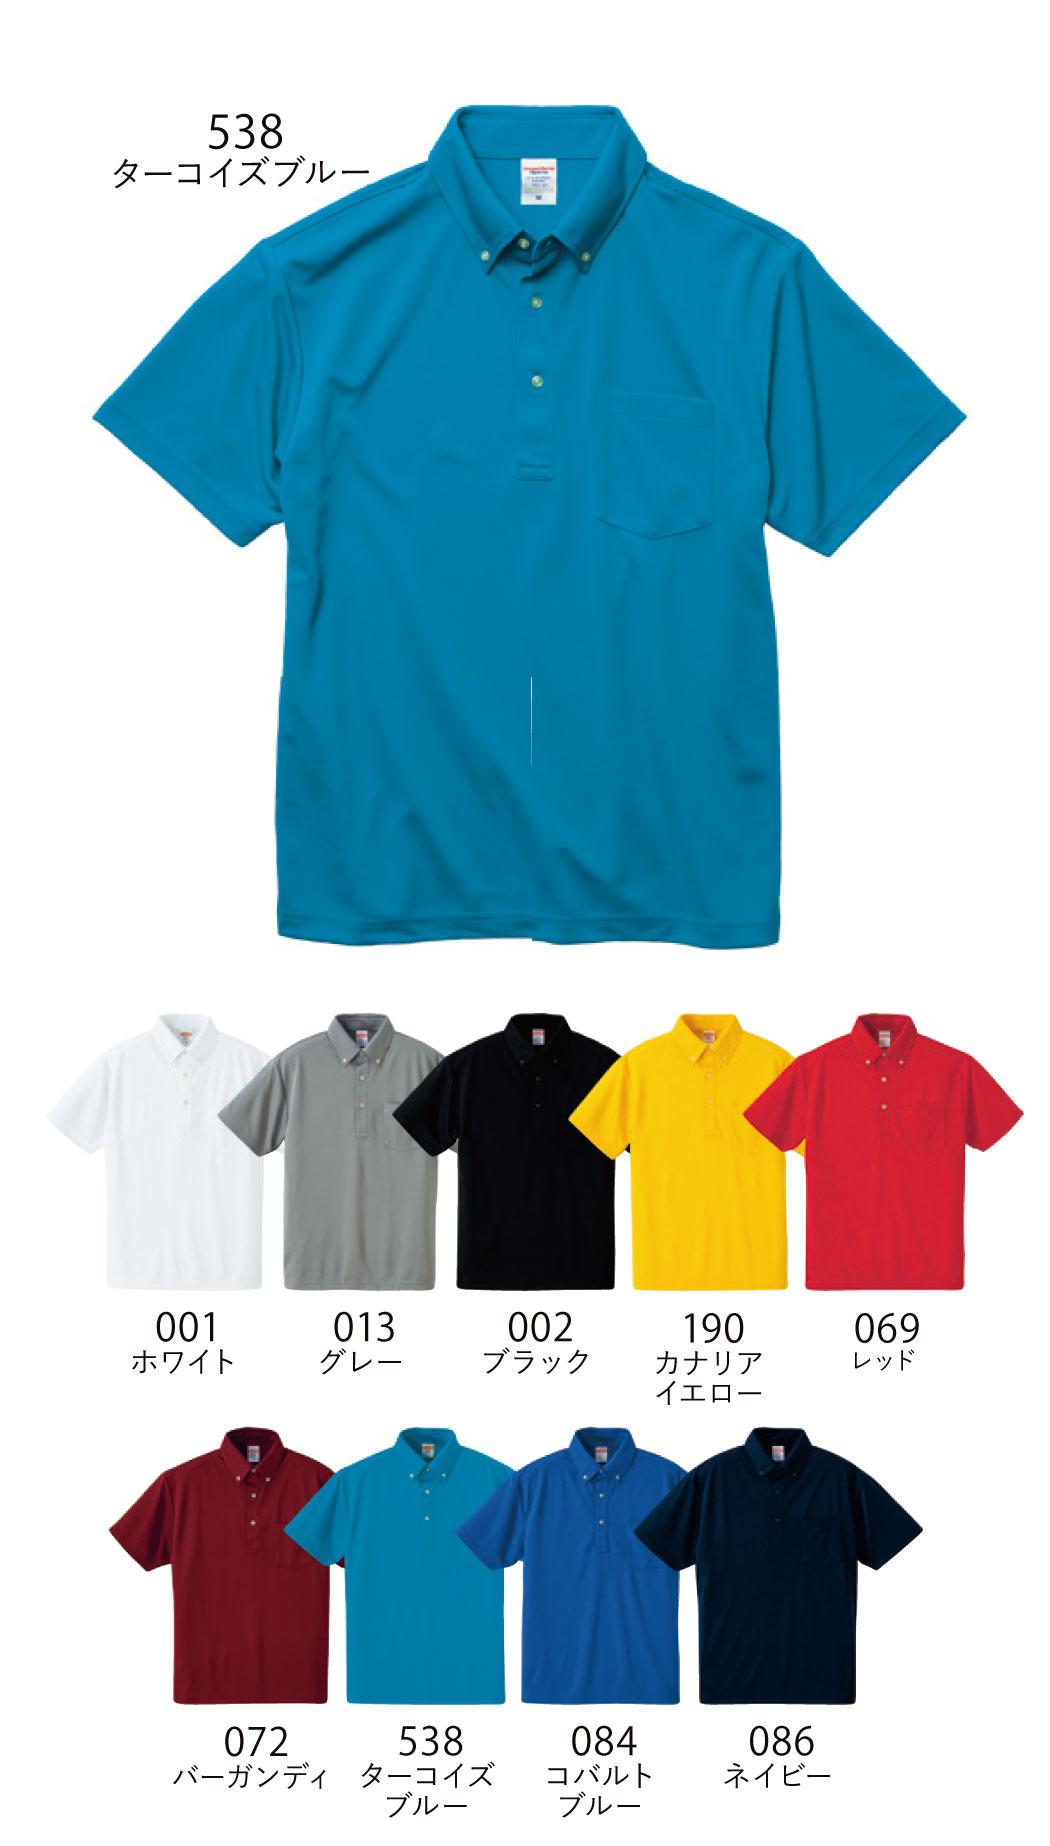 5921-01ドライアスレチックポロシャツ(ポケ付ボタンダウン) カラー見本